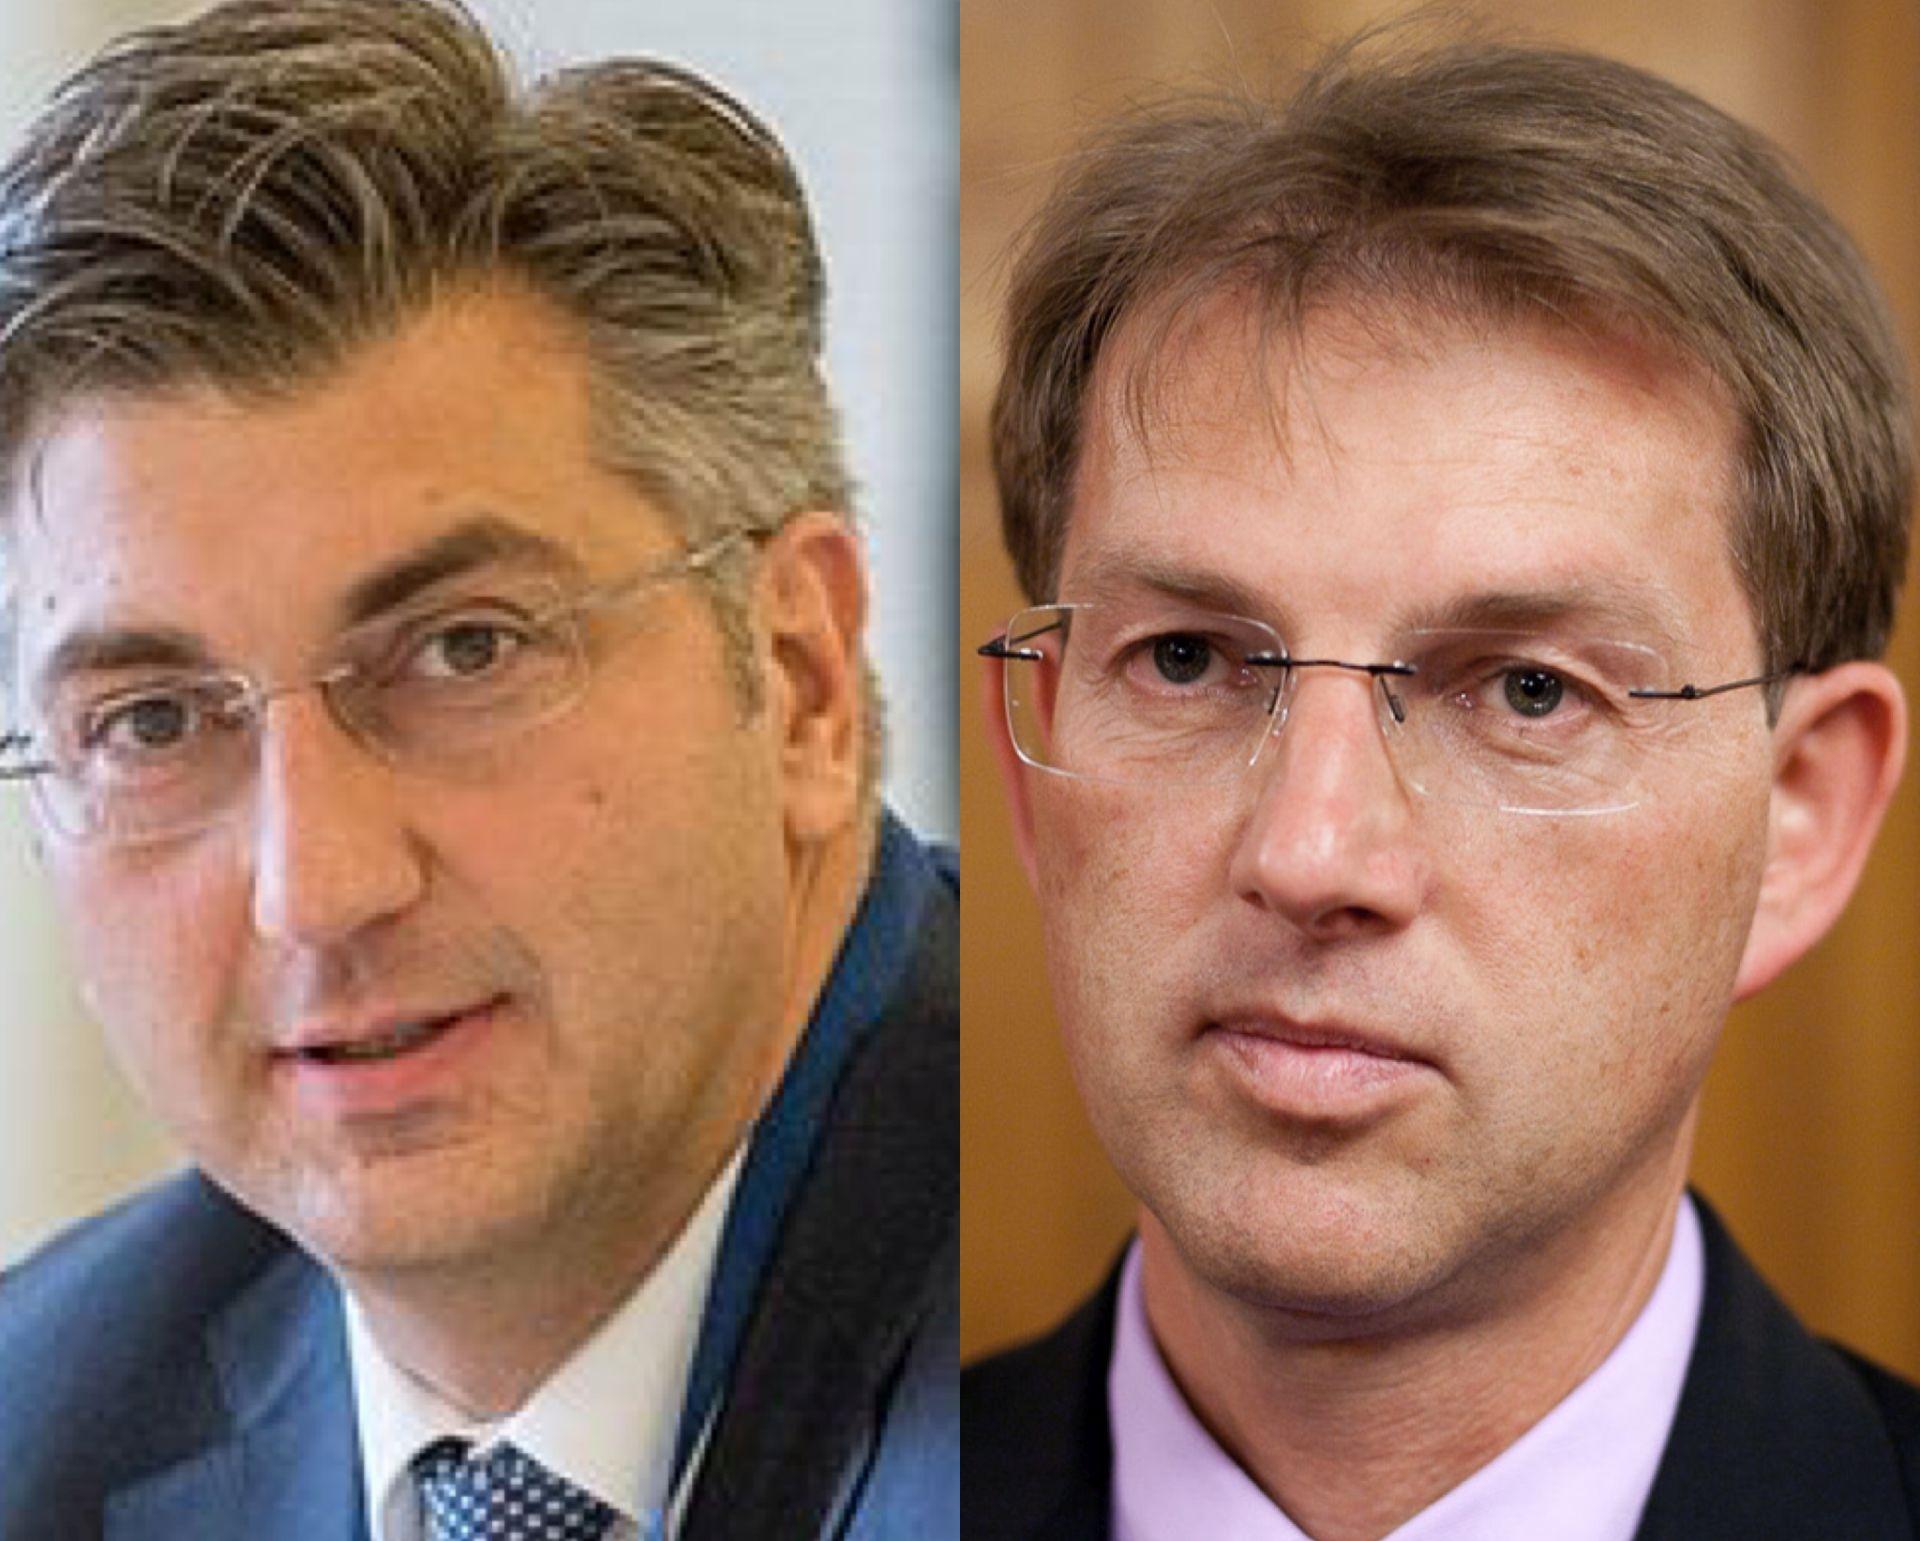 IVICA MAŠTRUKO 'Hrvatska odbija arbitražnu odluku o granici sa Slovenijom, ali će je na kraju provesti'